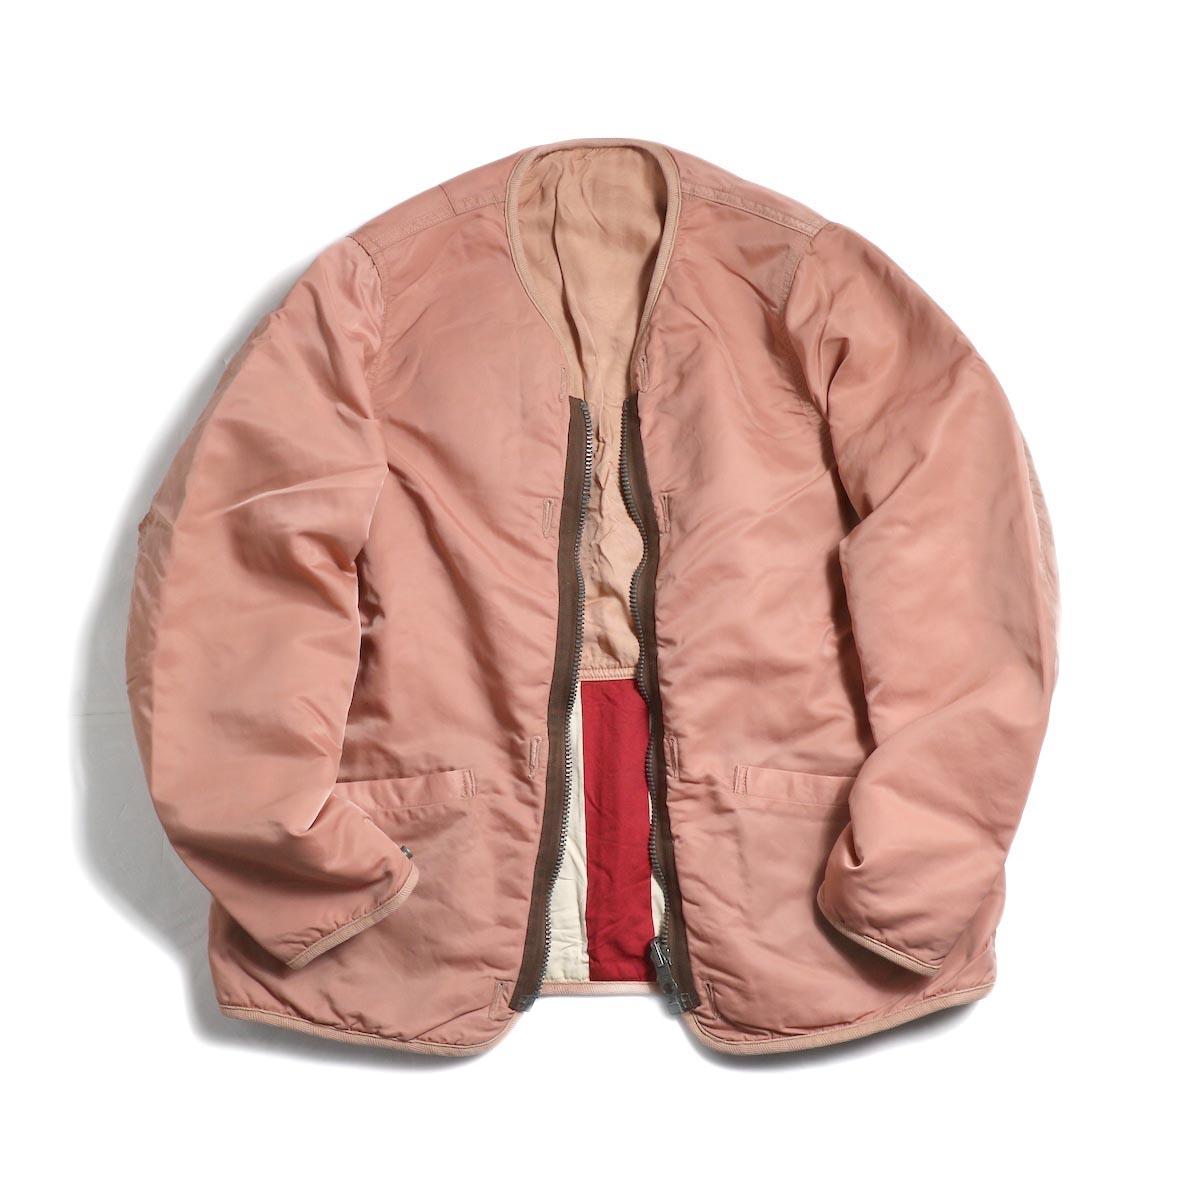 visvim / IRIS LINER JACKET -Pink